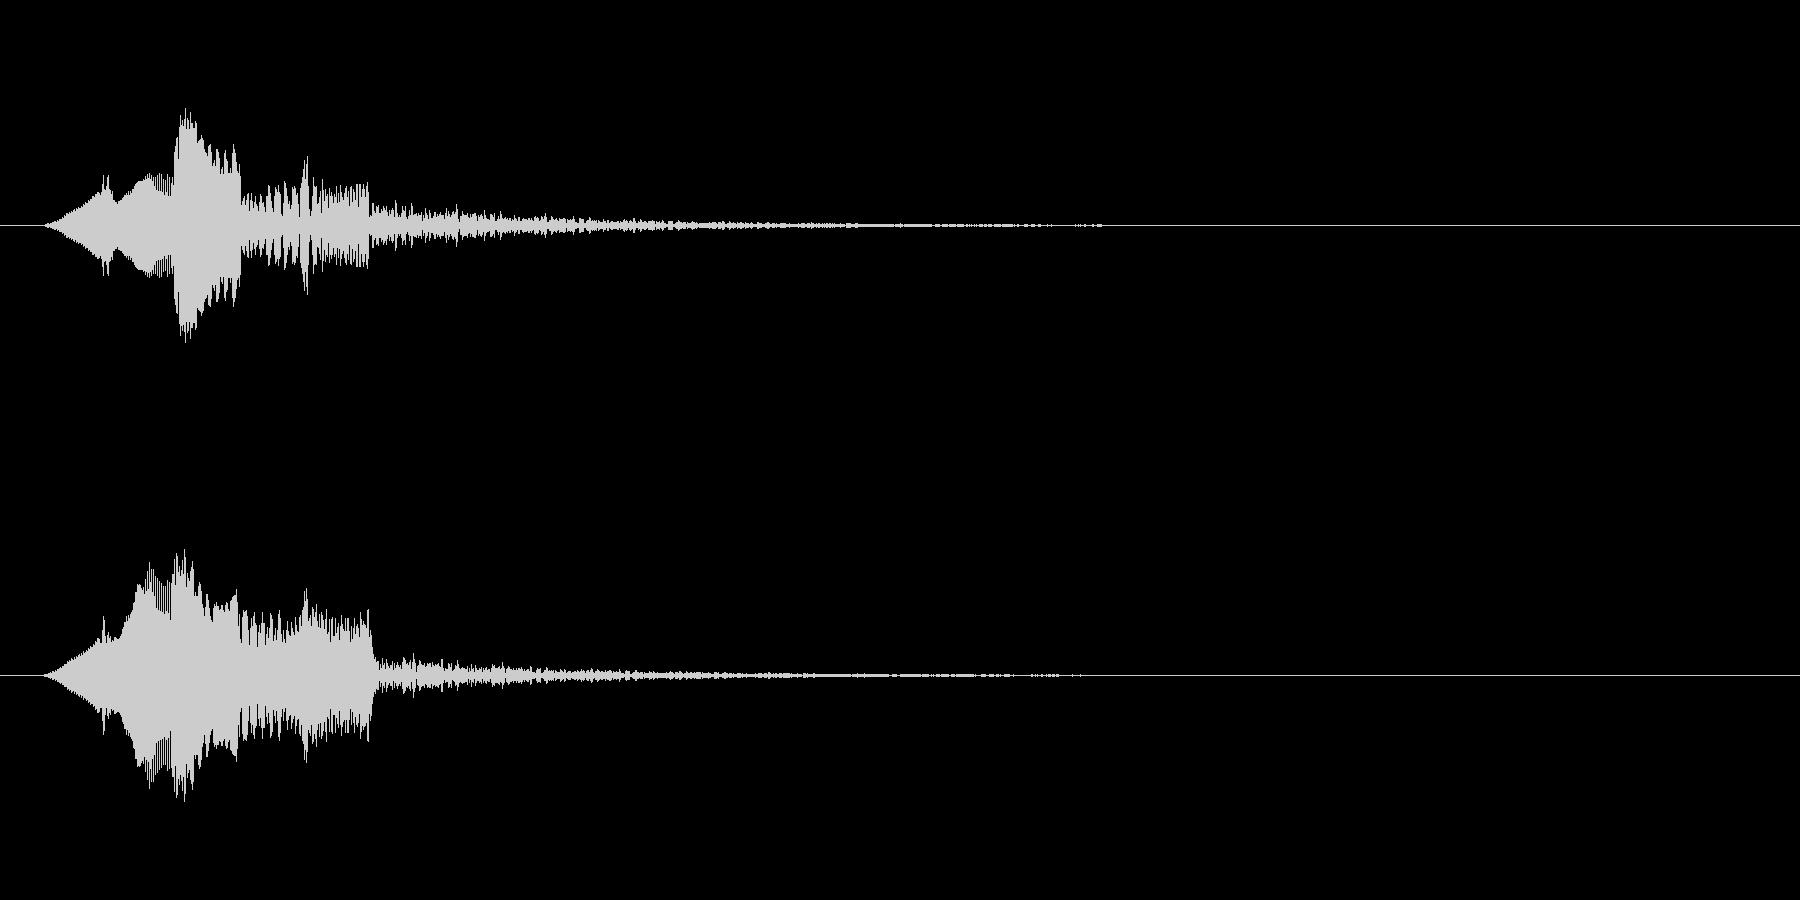 ピロリン↑(上昇する音階)の未再生の波形